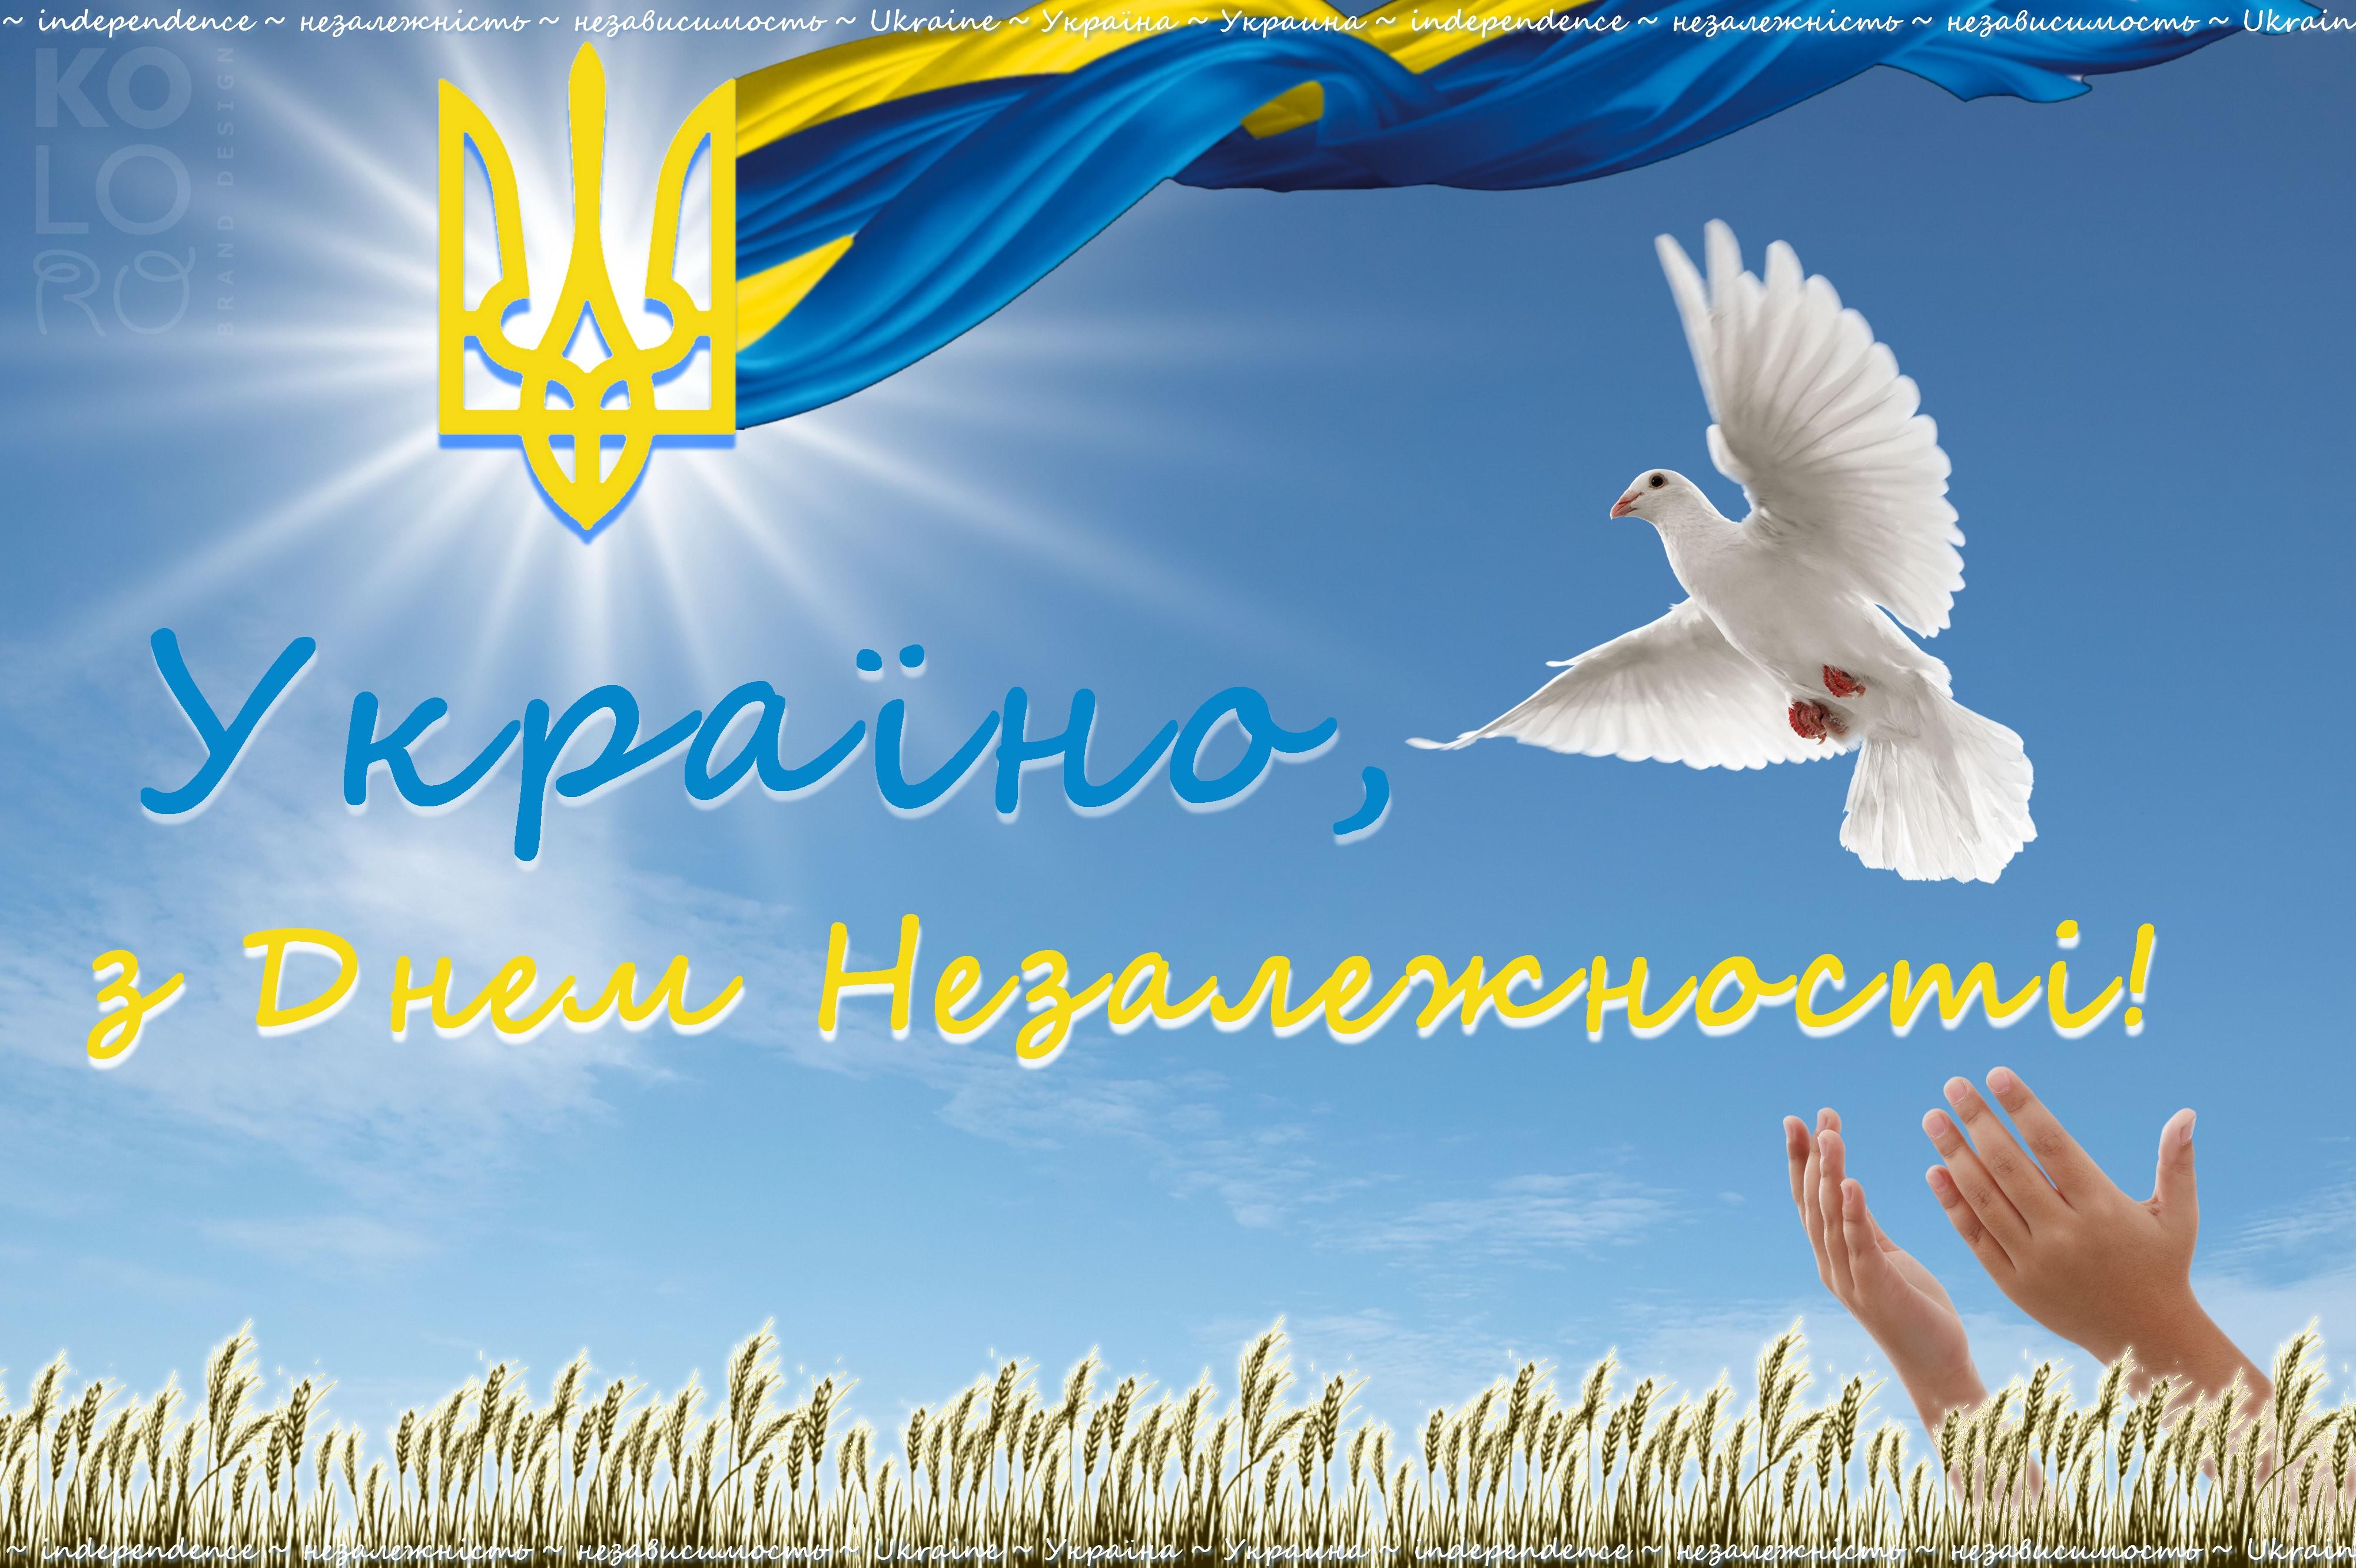 С днем независимости украины поздравление